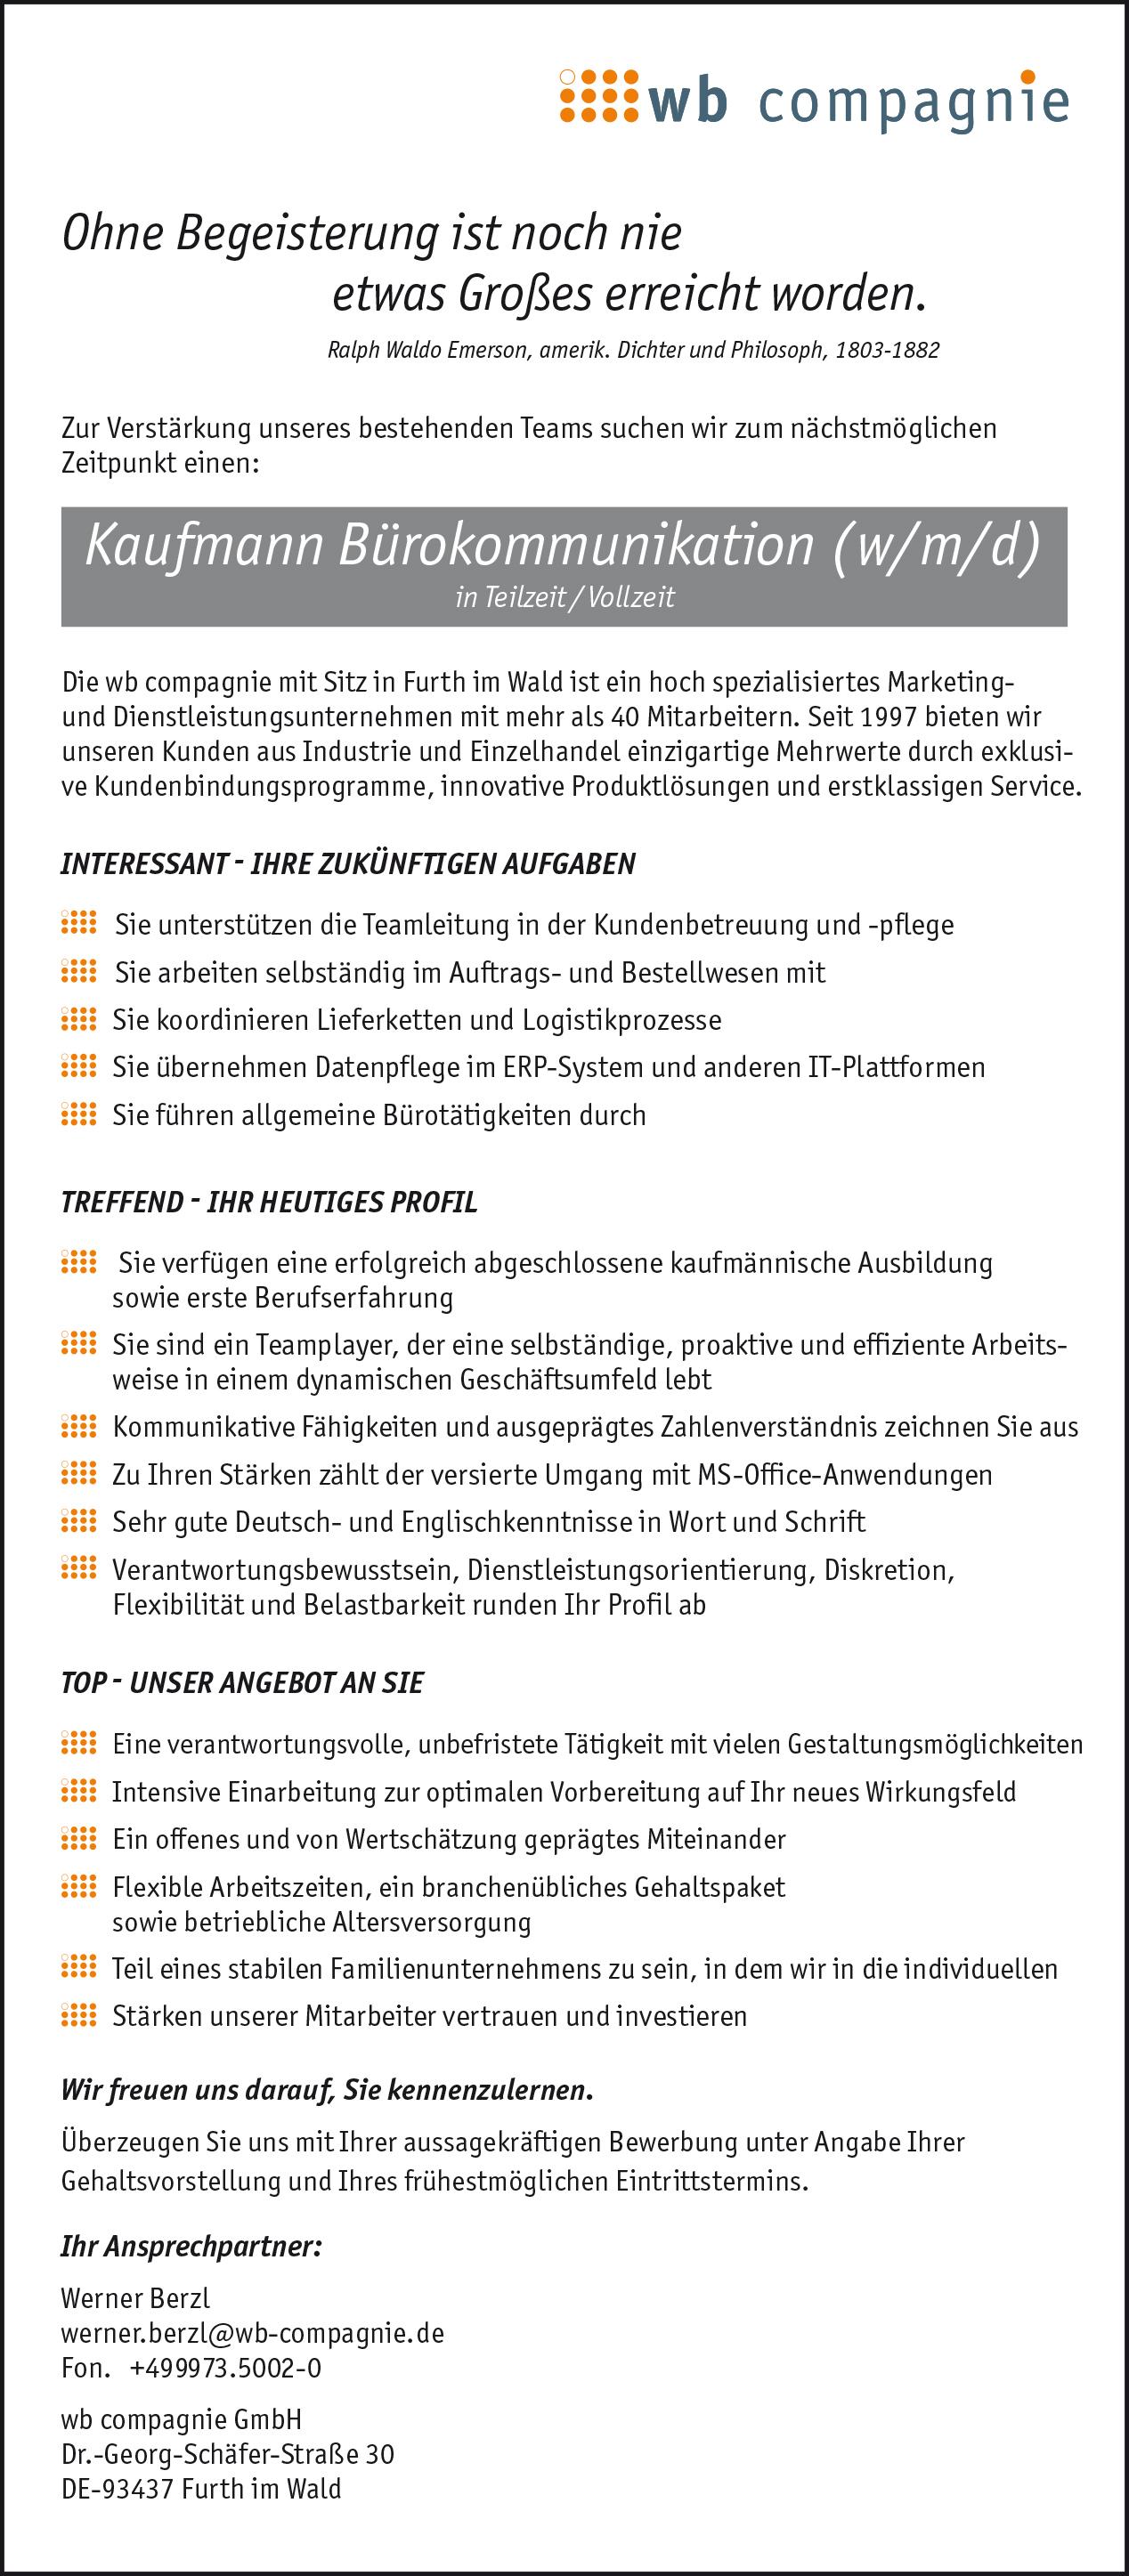 wb-compagnie_Stellenanzeige-Kaufmann-Burokommunikation_92x210